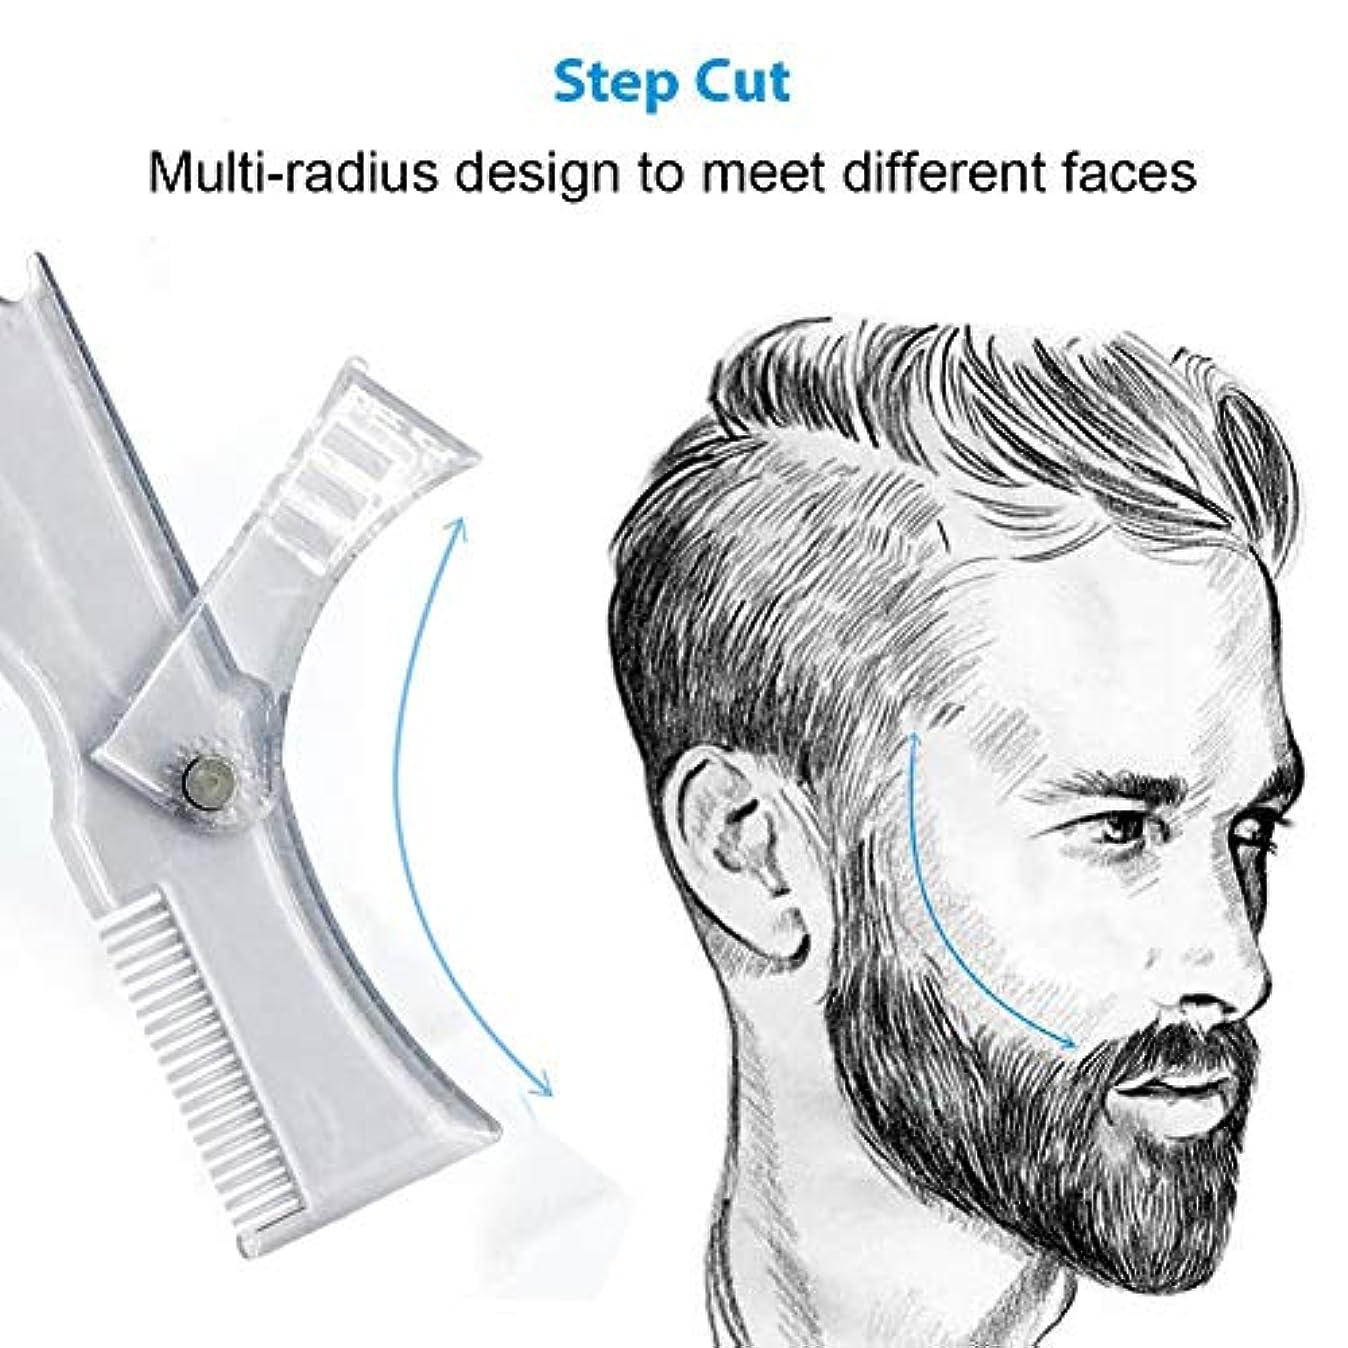 ACHICOO ひげ櫛 回転 ひげ ブラシ 形状テンプレート 櫛 調整可能 スタイリング 角度 モデリング 理髪ツール 男性 メンズ